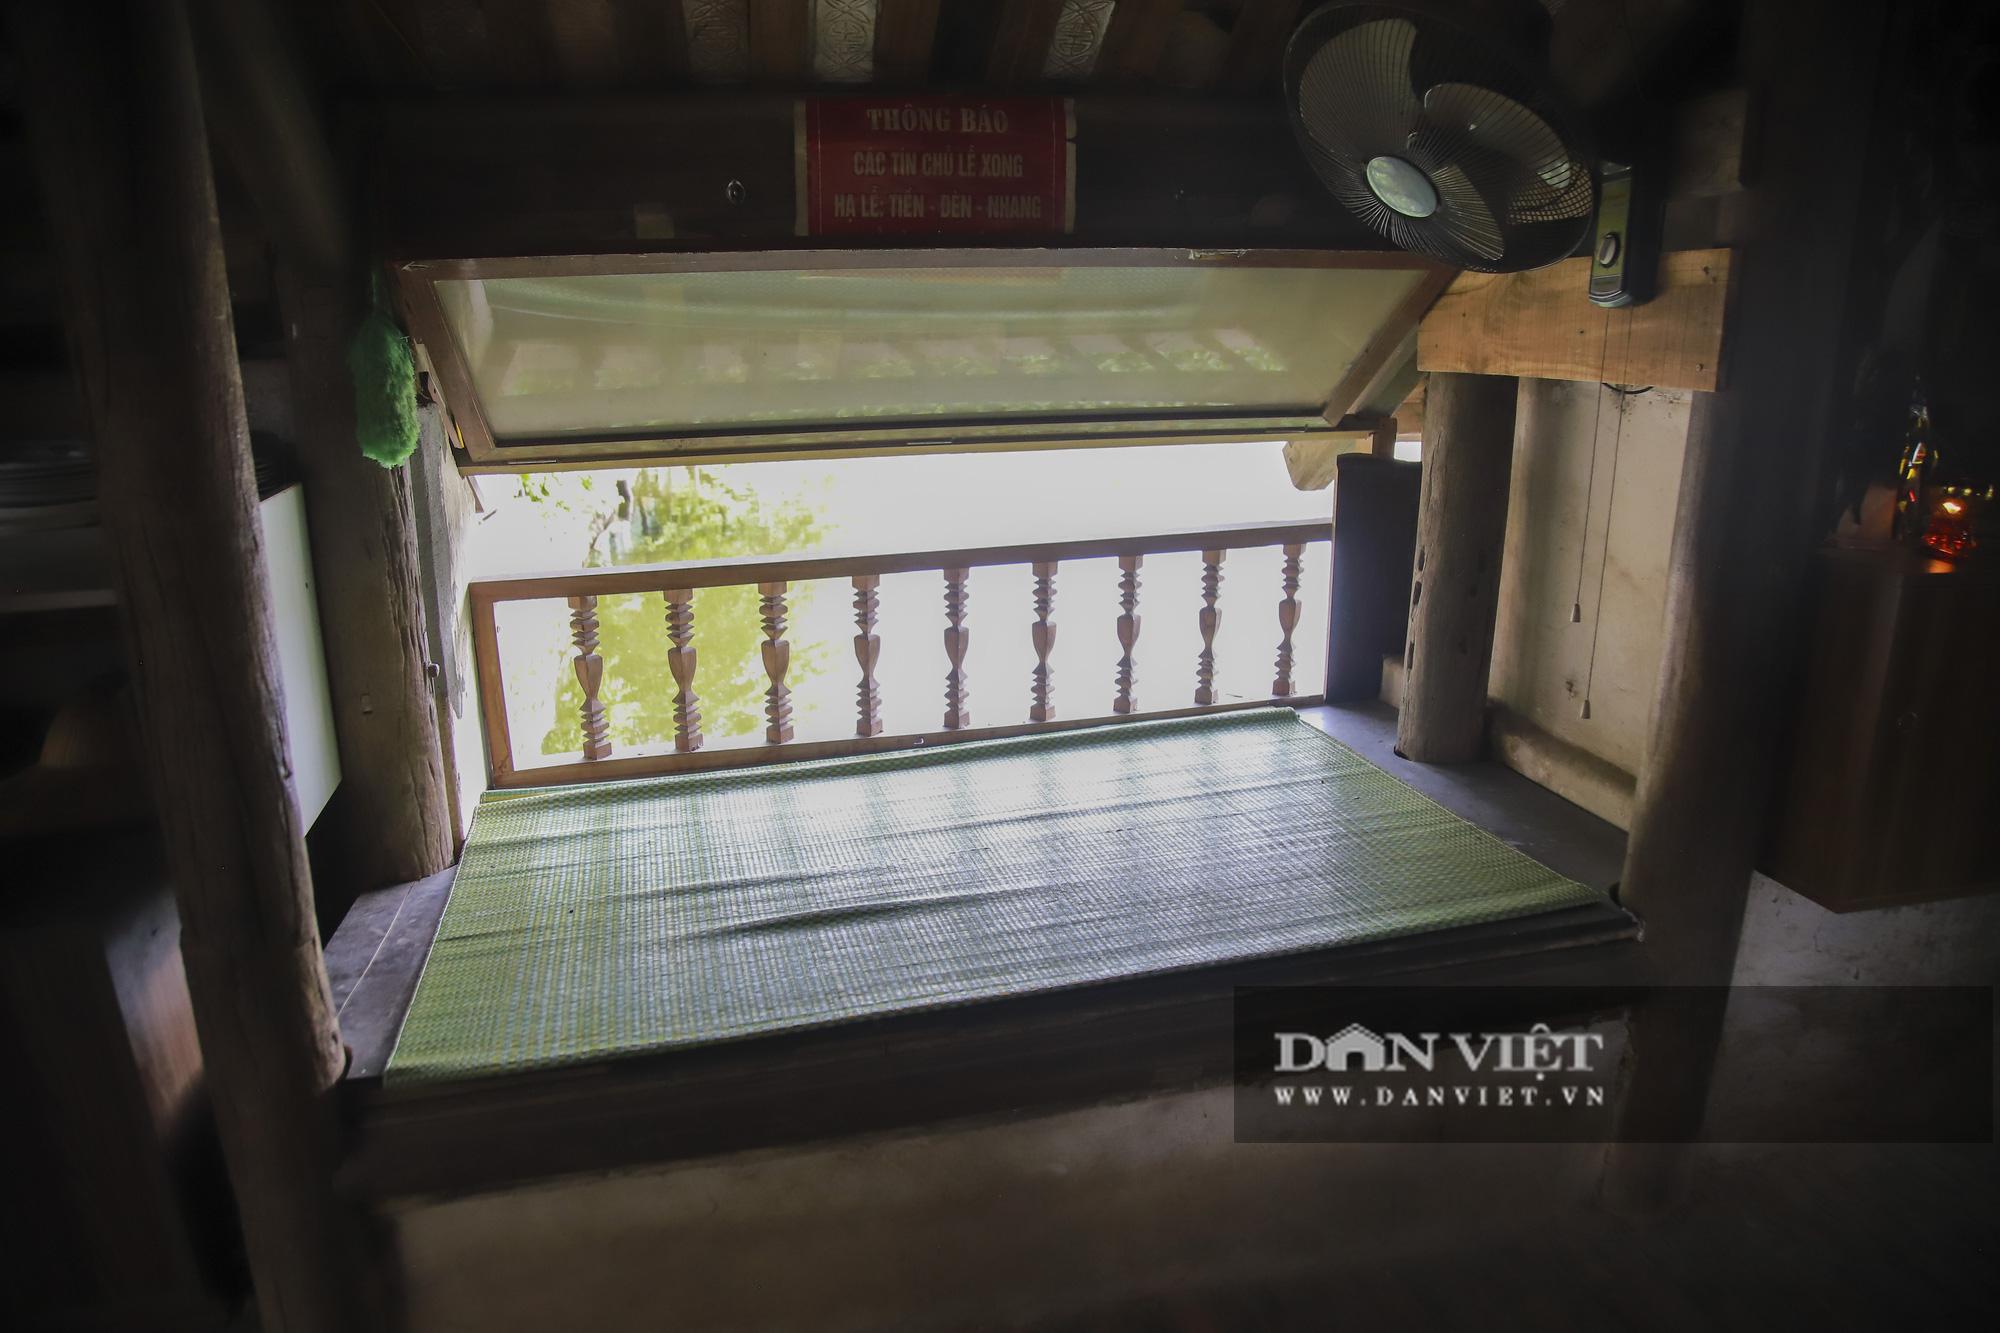 Cận cảnh cây cầu có hình dáng thuyền nan úp ngược độc nhất vô nhị ở Hà Nội - Ảnh 8.